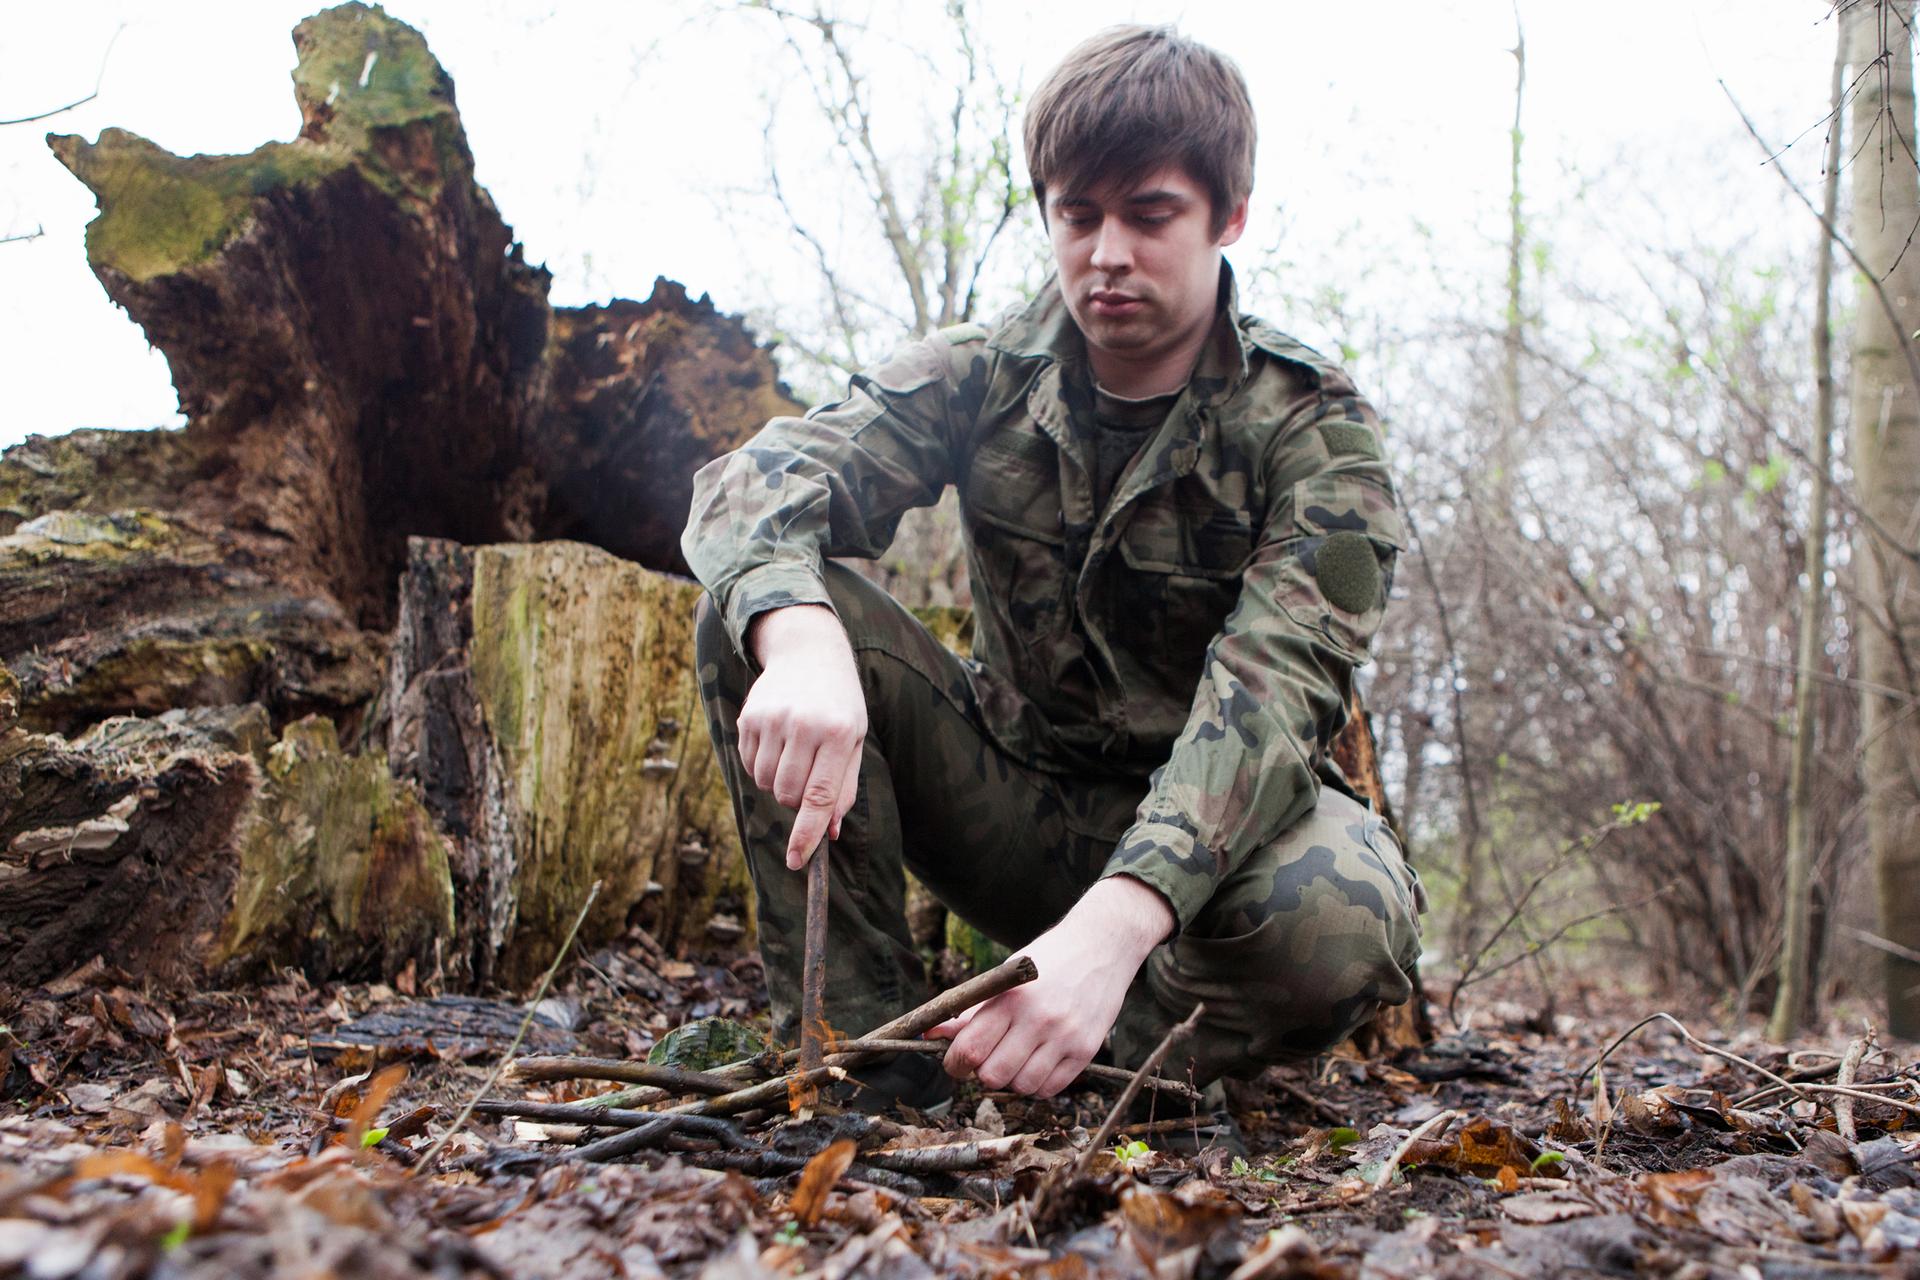 Fotografia przedstawia młodego mężczyznę wprzysiadzie rozpalającego ognisko. Wtle zwalony pień drzewa.